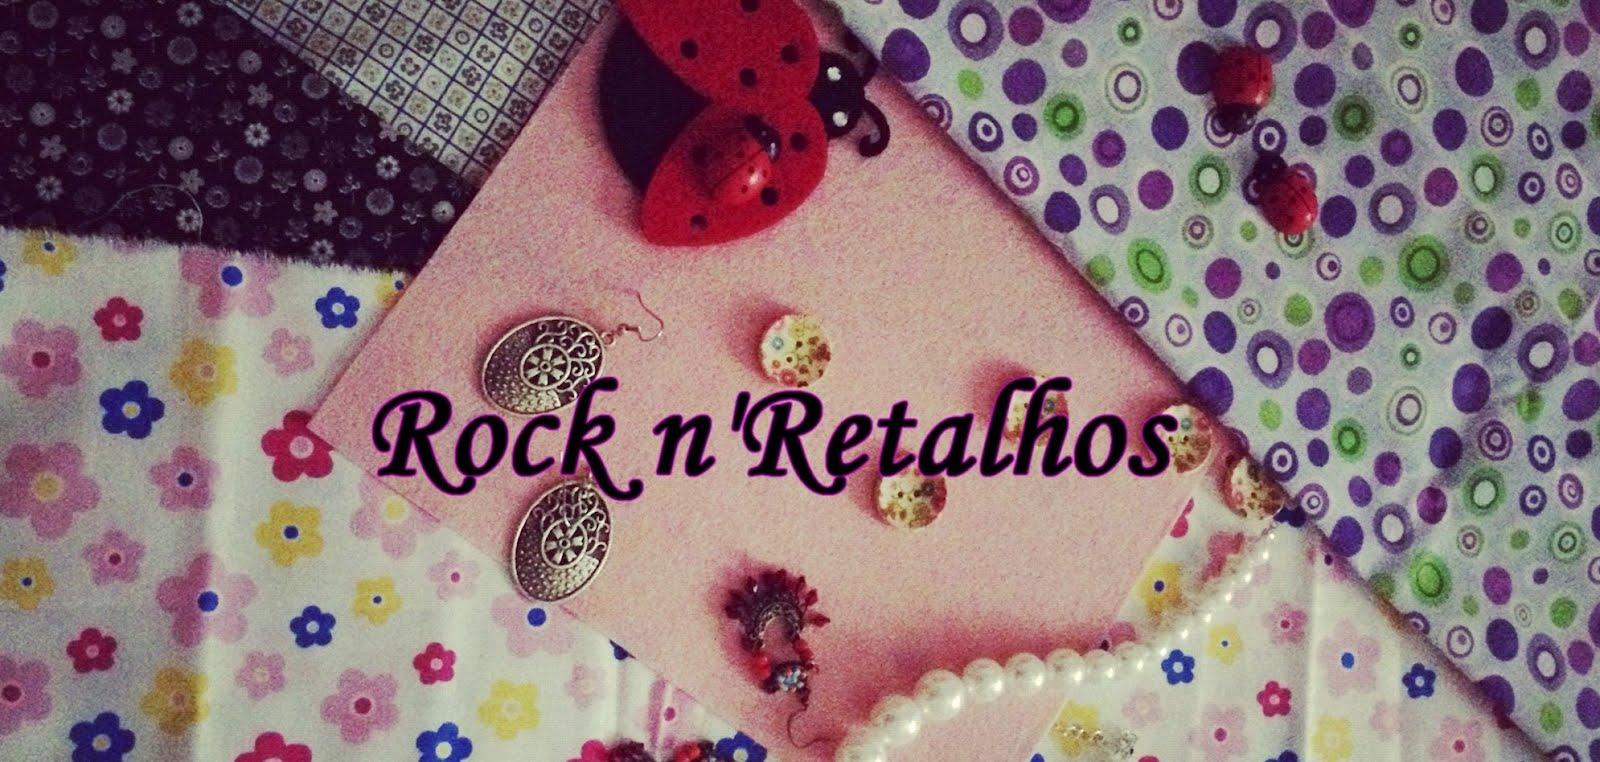 Rock n'Retalhos